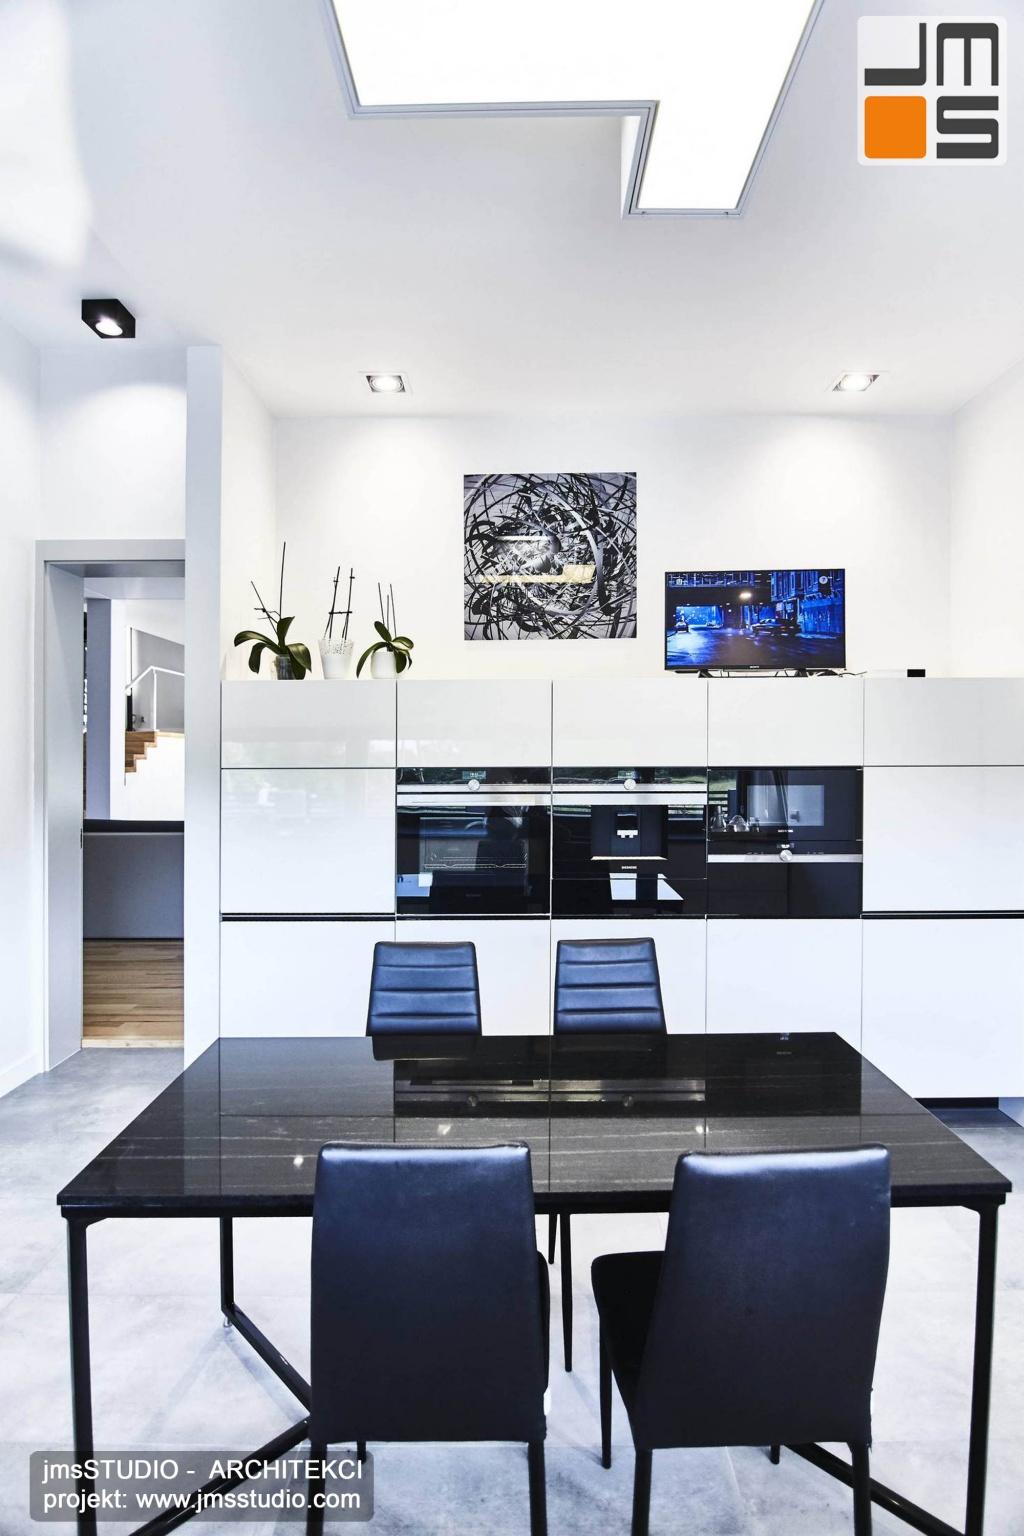 2018 06 bardzo mocnym akcentem w projekcie wnętrz nowoczesnej kuchni pod Poznaniem jest czarny kamienny stół na delikatnych stalowych czarnych nogach kontrastujący z jasnymi wnętrzami